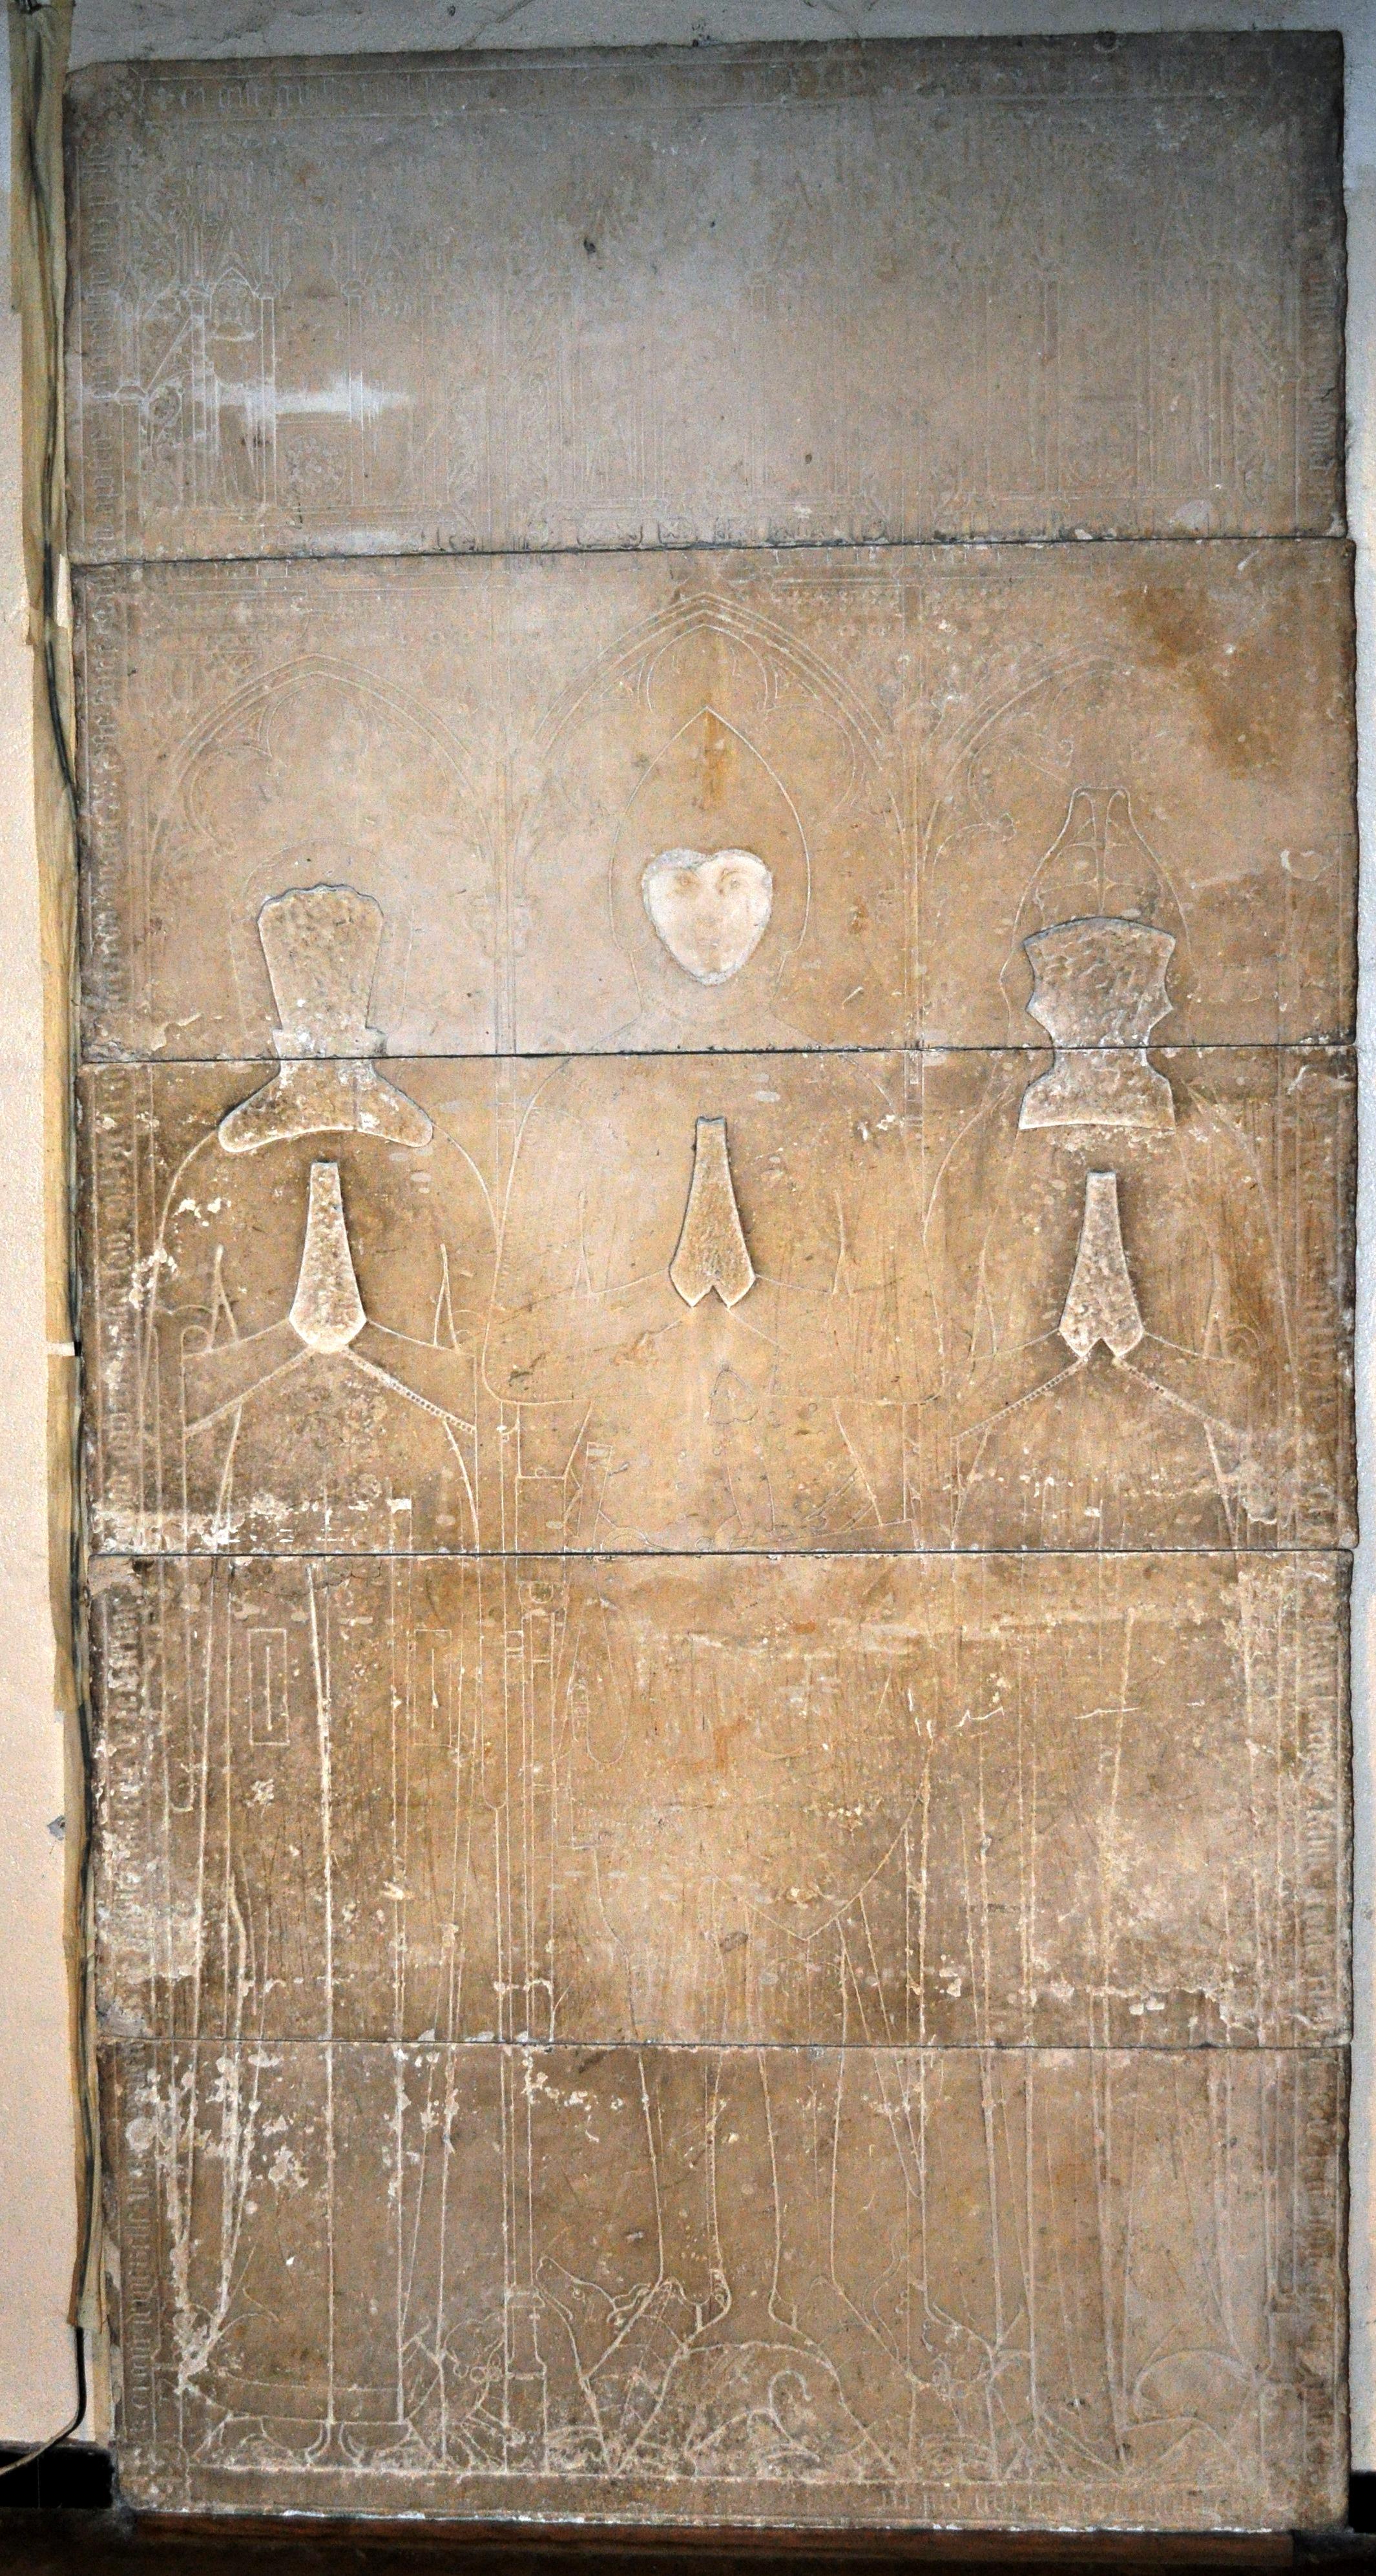 ギヨーム・ティレルの墓碑(写真)